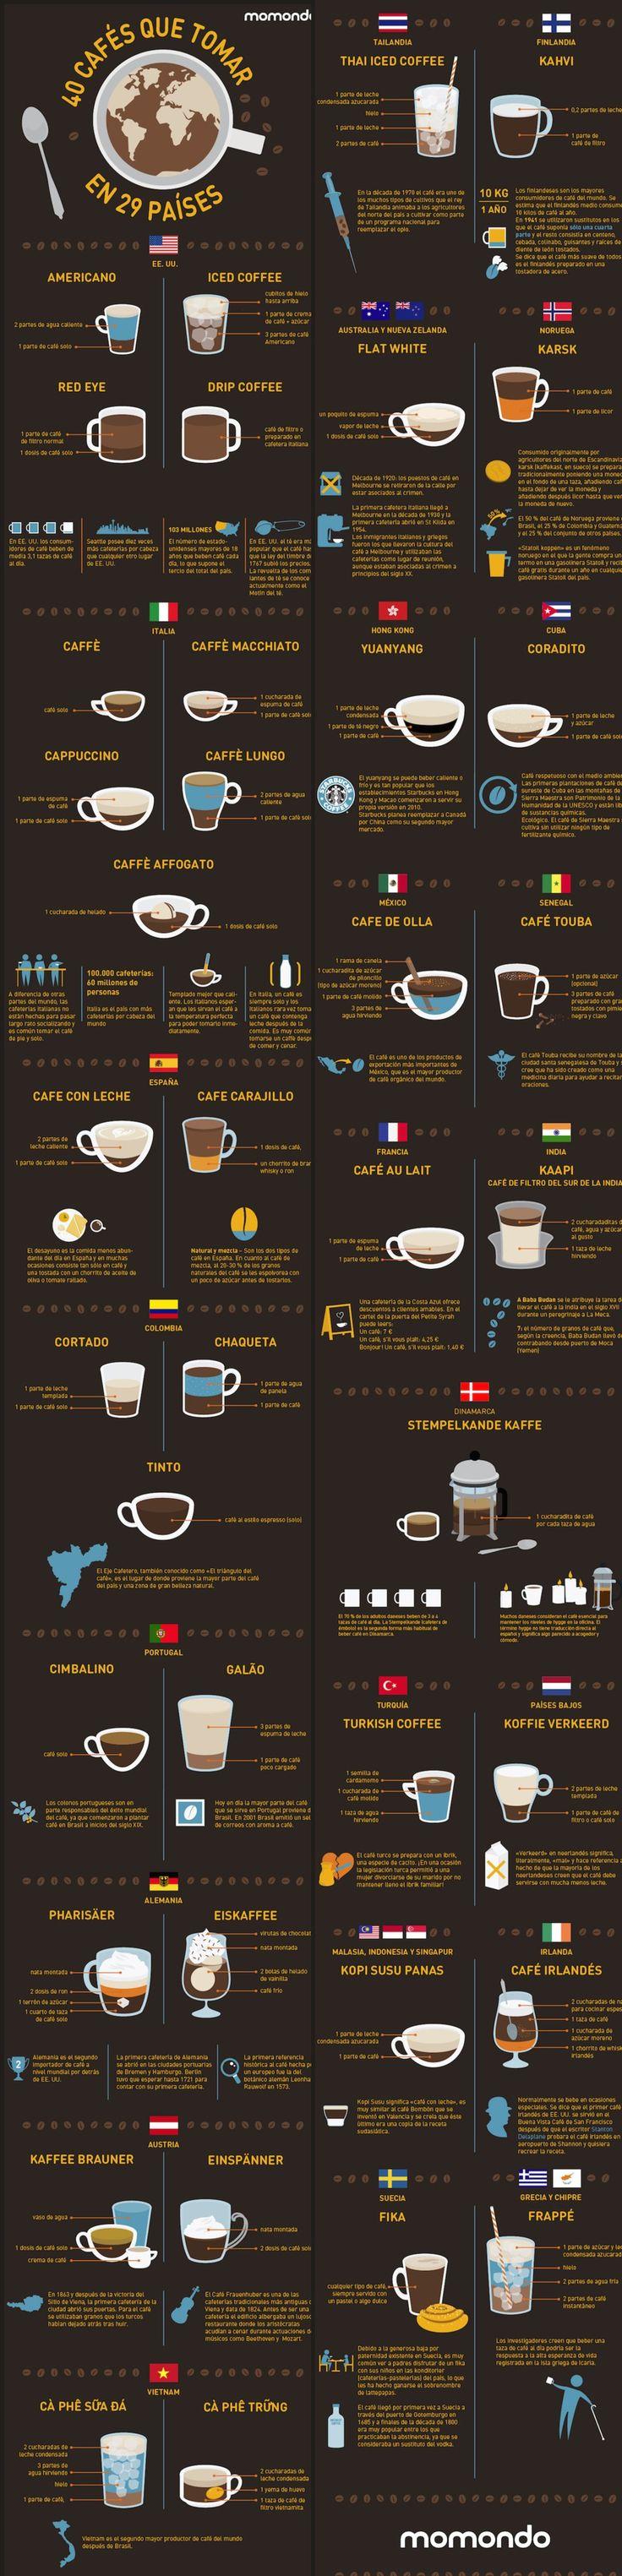 Y finalmente, imprime esta guía, pues te ayuda a saber qué pedir cuando viajas alrededor del mundo: | 16 Datos gráficos que todo amante del café necesita saber